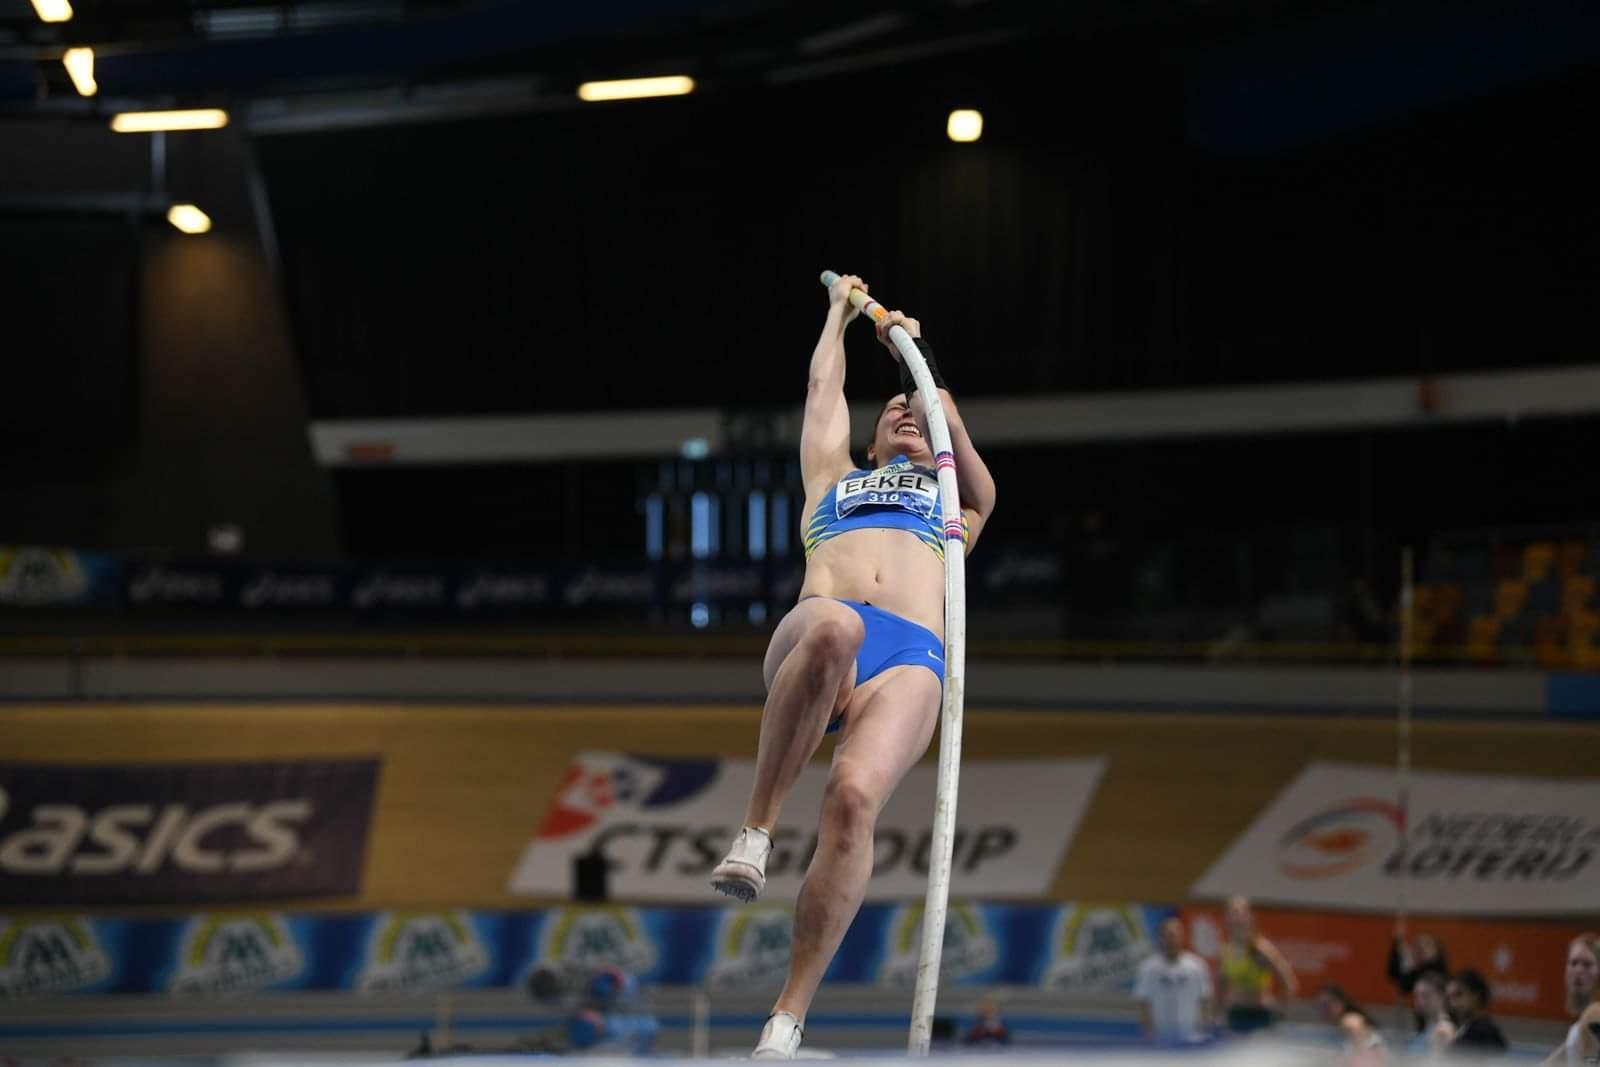 Huizense Sanne Eekel (30) verbaast met bronzen medaille én PR bij het polsstokhoogspringen op het NK indoor: 'Zolang ik progressie blijf boeken, ga ik zeker door'